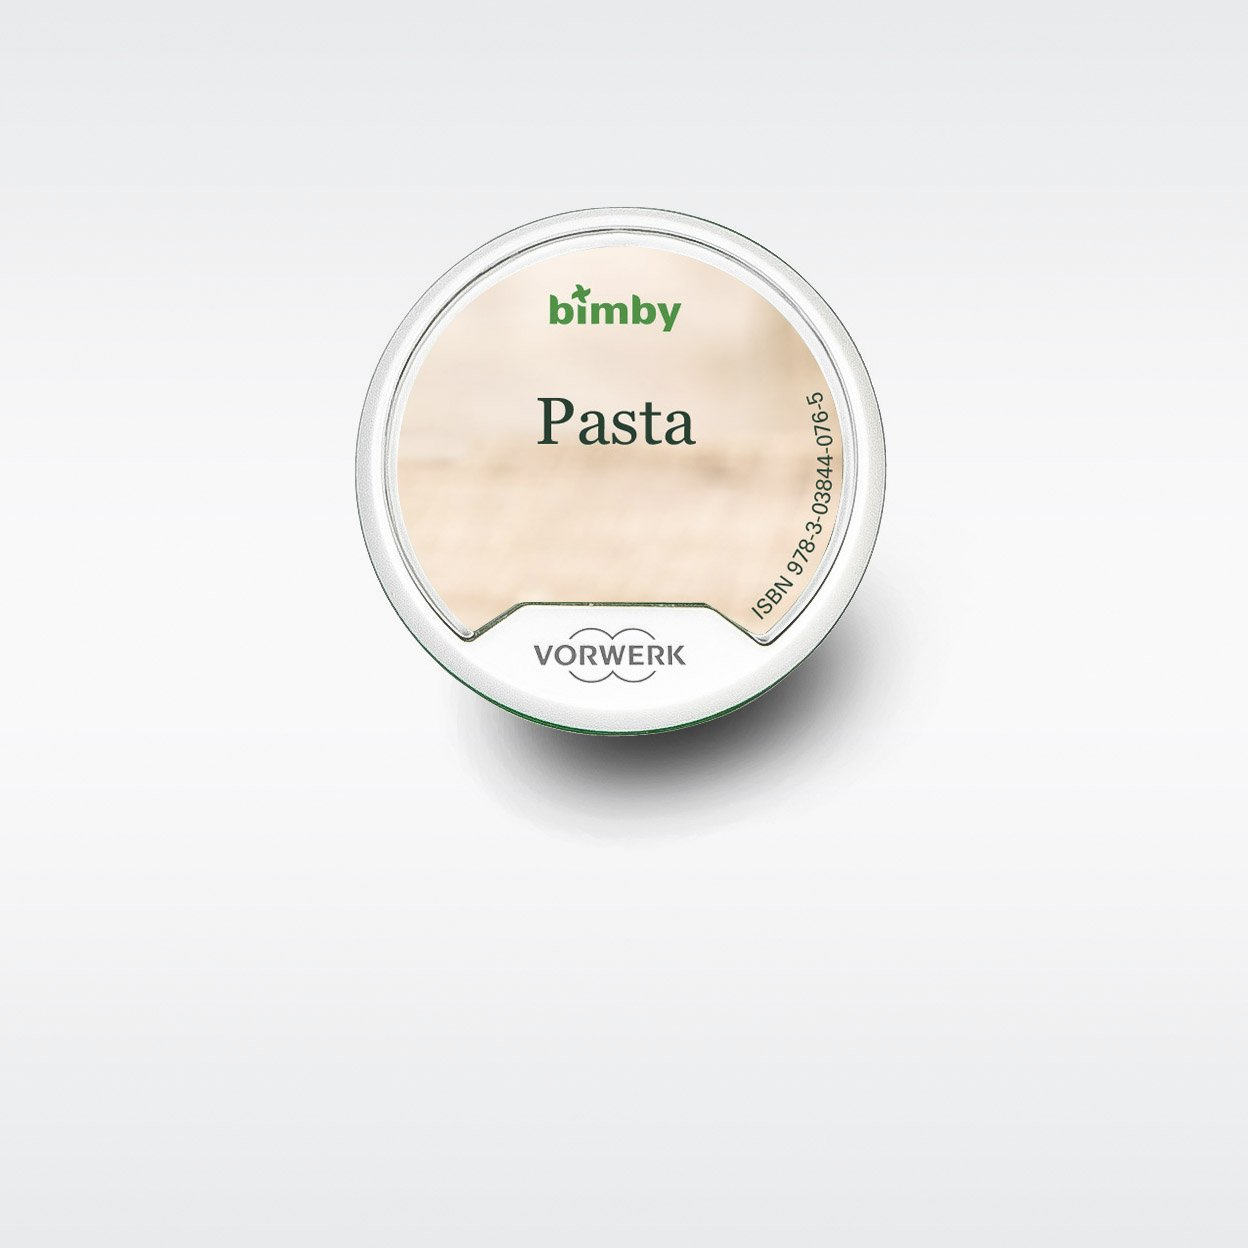 Le mie ricette con bimby download